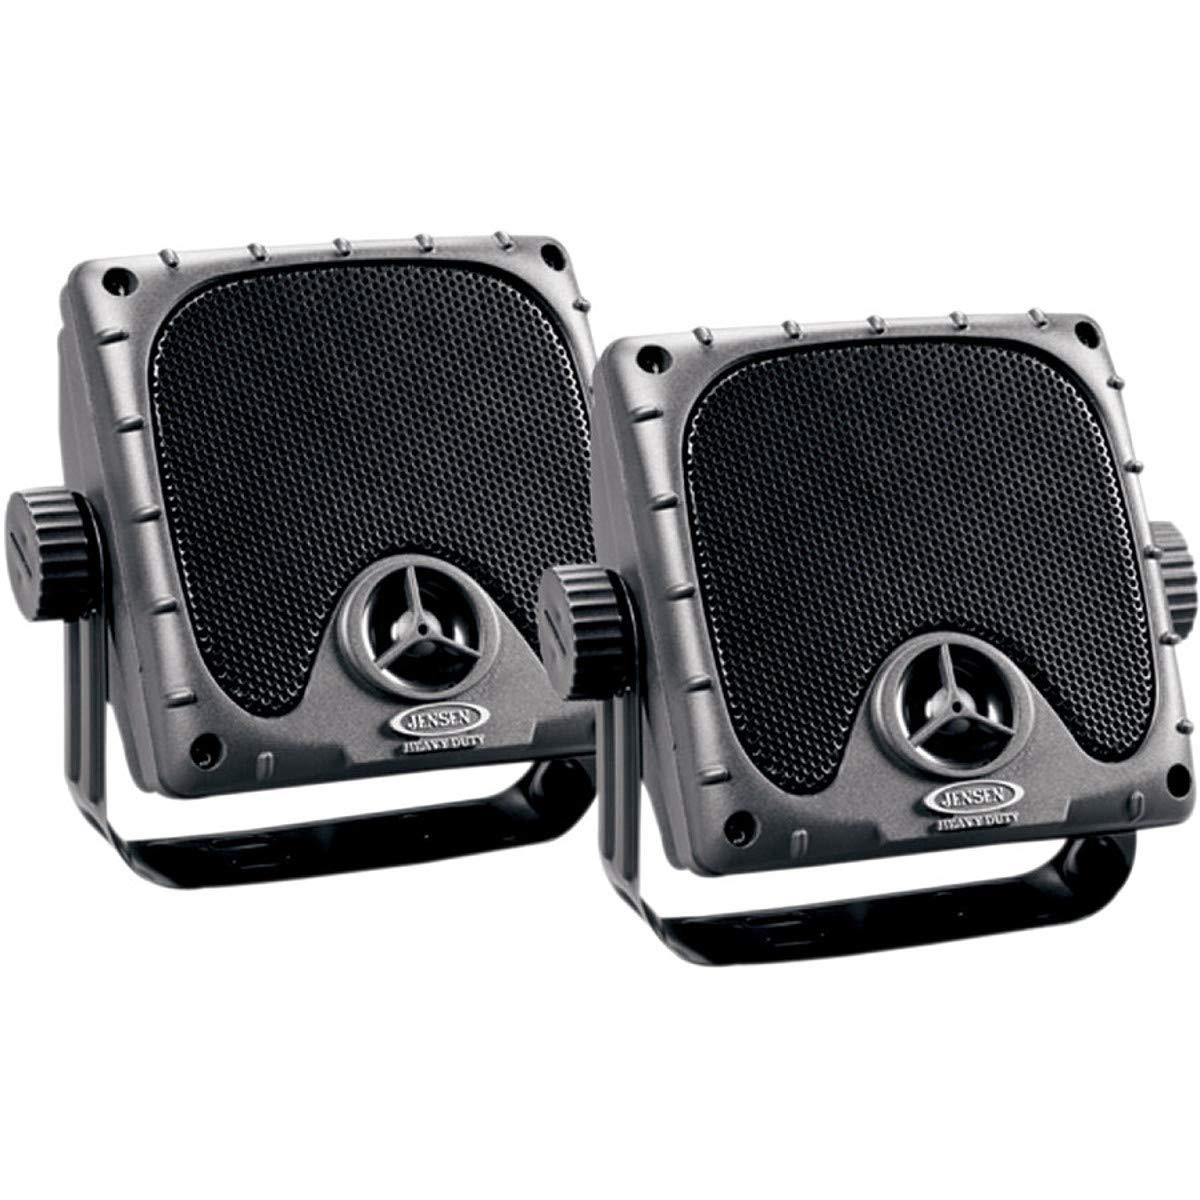 """JENSEN JXHD35 Heavy Duty 3.5"""" MINI Weatherproof Surface Mount Speakers (1 Pair), Black"""